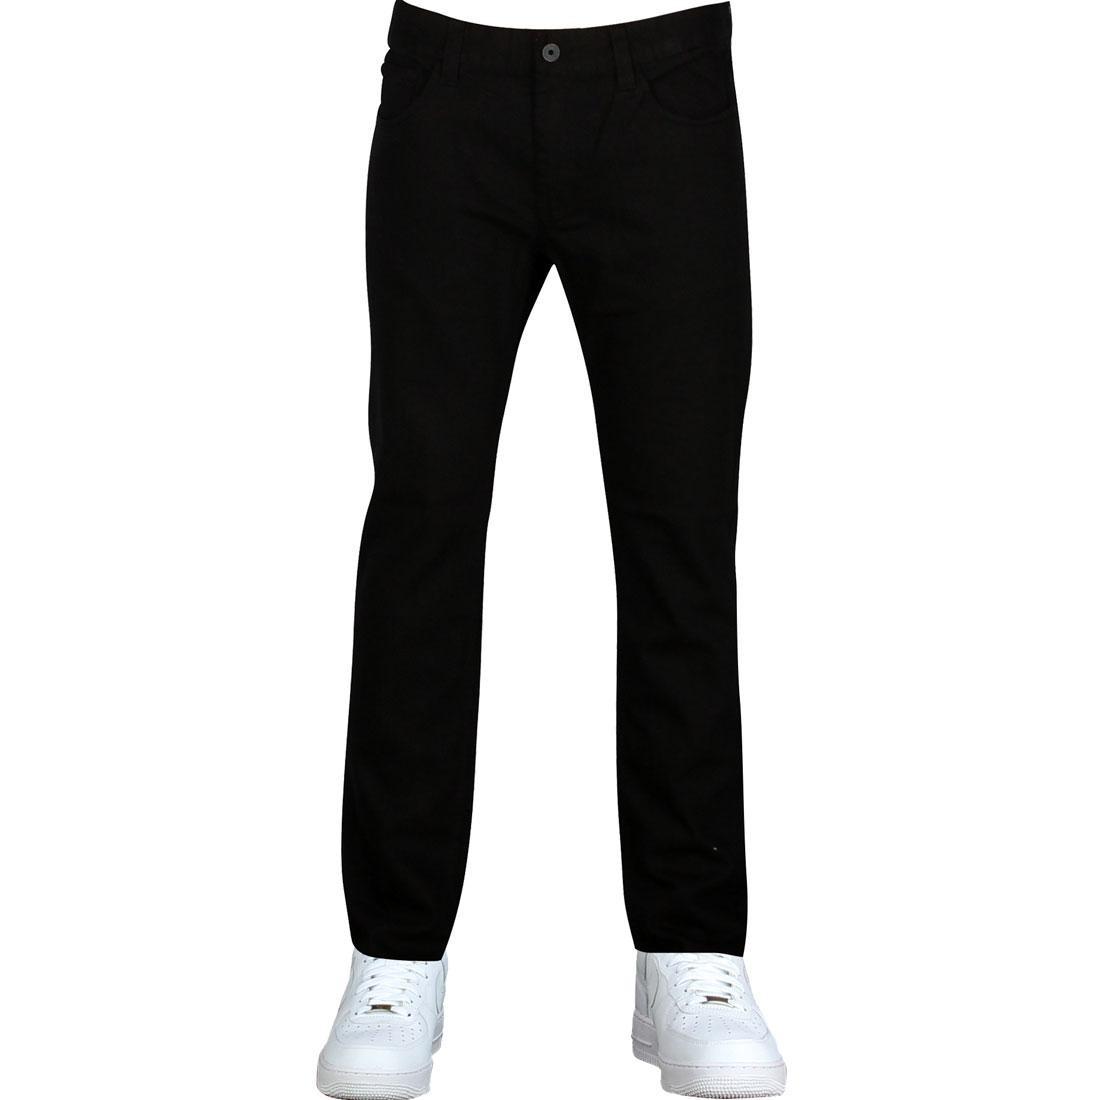 【海外限定】パンツ メンズファッション 【 BRIXTON RESERVE PANTS BLACK 】